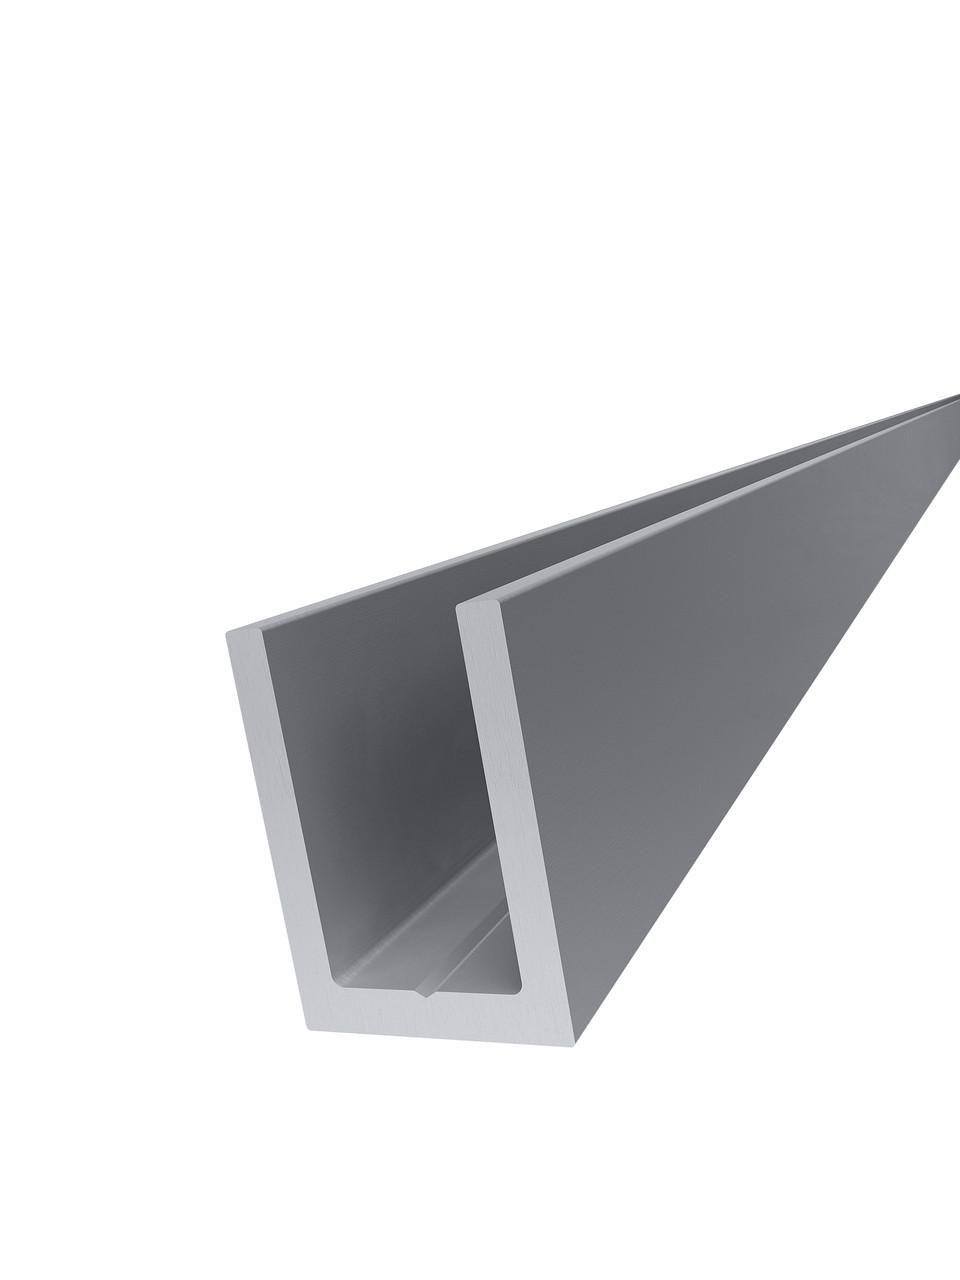 KLC-19-01-03-L2200 Профіль з алюмінію під скло 8 мм, анодований